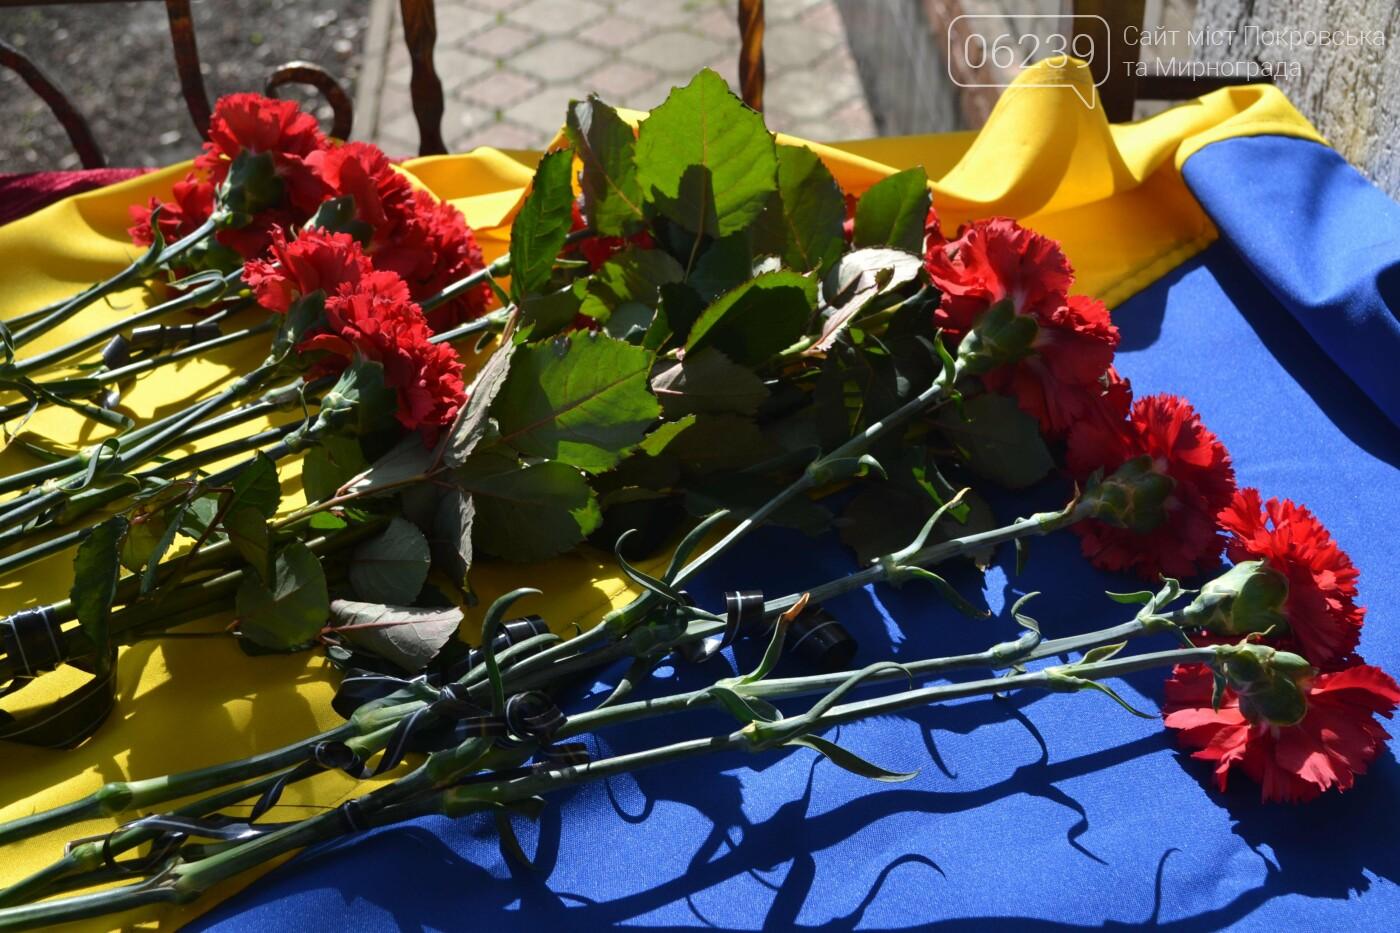 В Покровске увековечили память погибшего воина ВСУ Андрея Шульги, фото-20